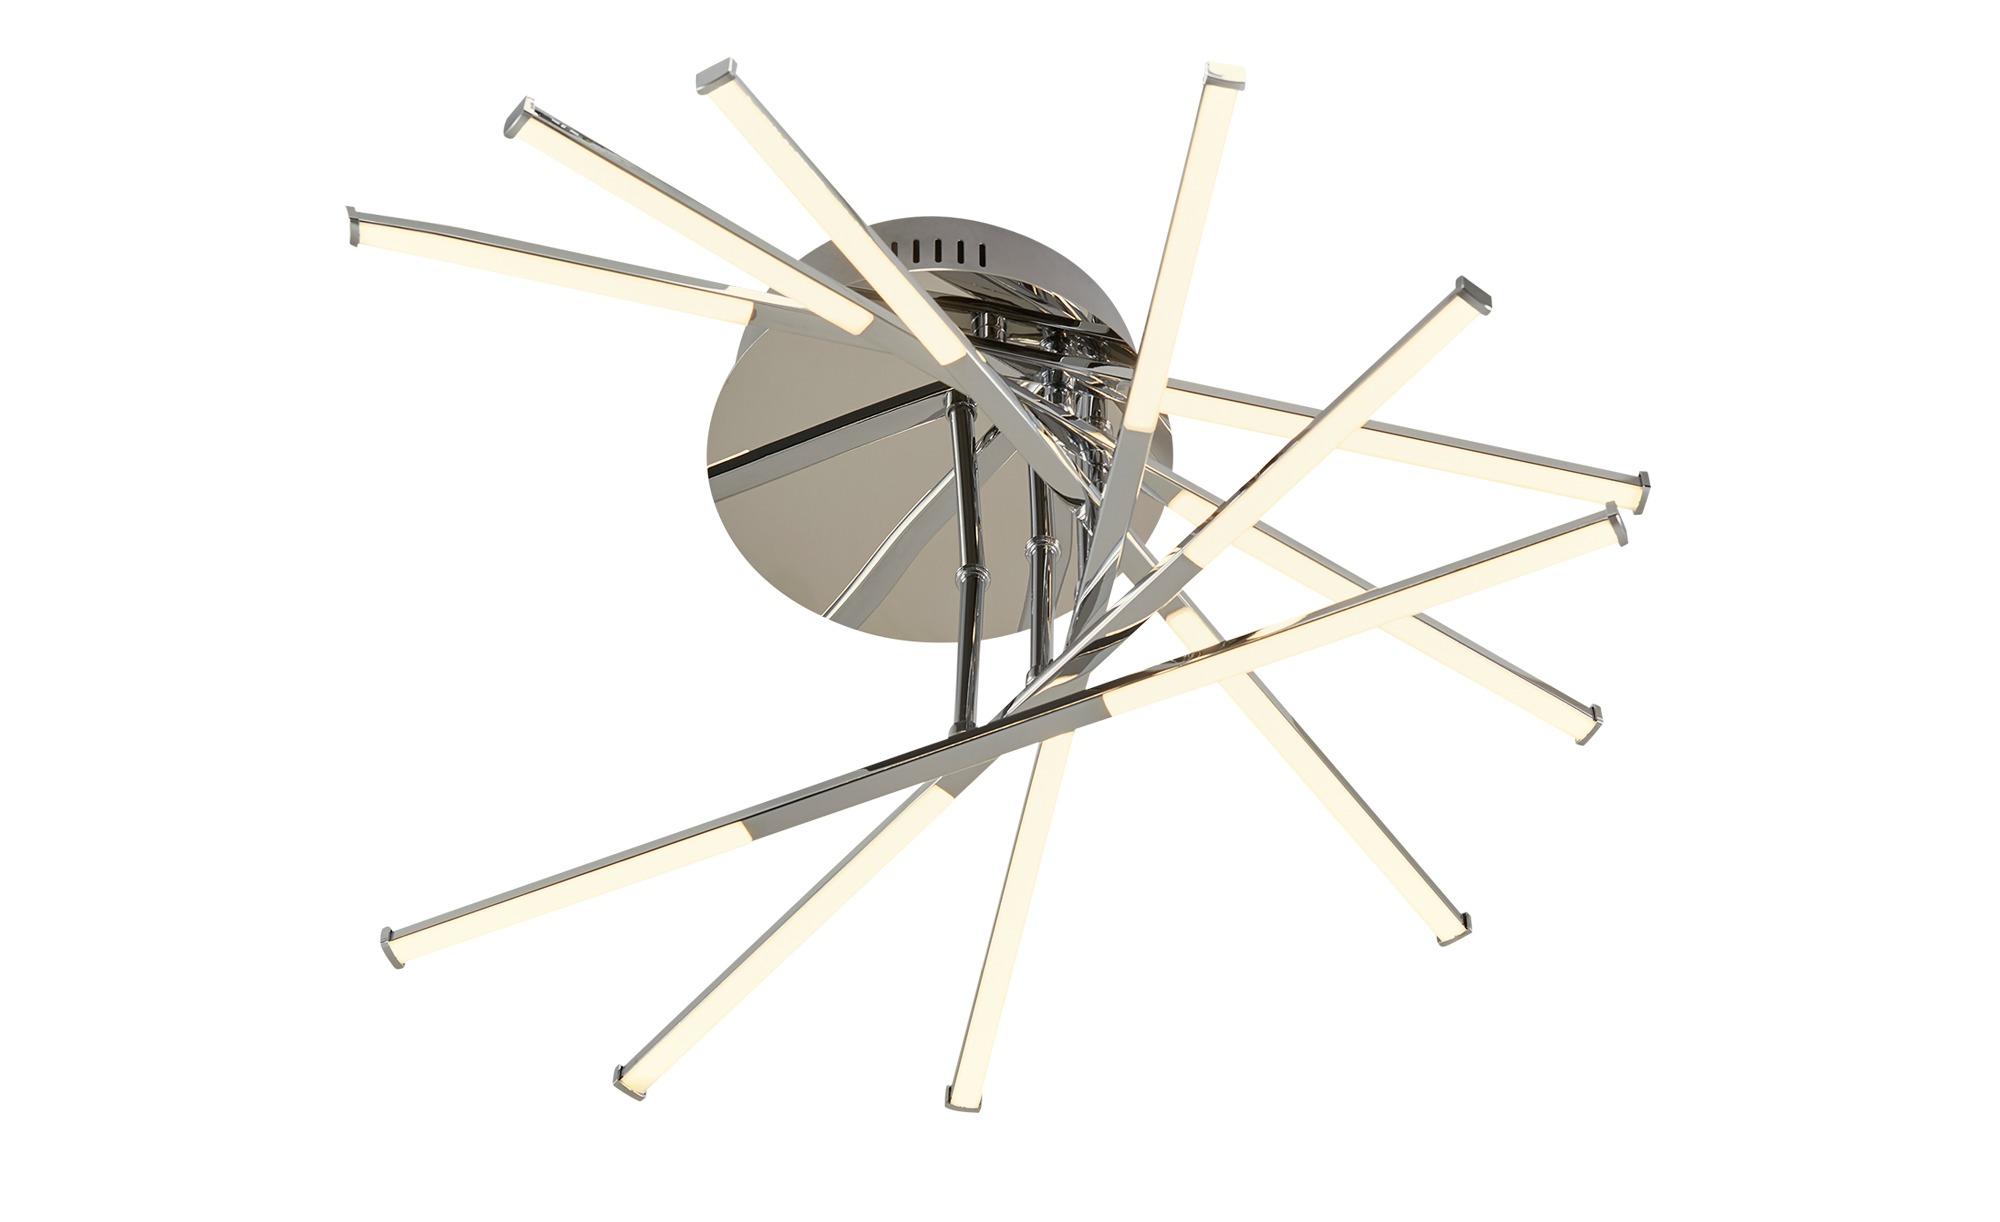 Meisterleuchten LED-Deckenleuchte, Stab-Design, chrom ¦ silber ¦ Maße (cm): H: 13,5 Ø: 58 Lampen & Leuchten > Innenleuchten > Deckenleuchten - Höffner